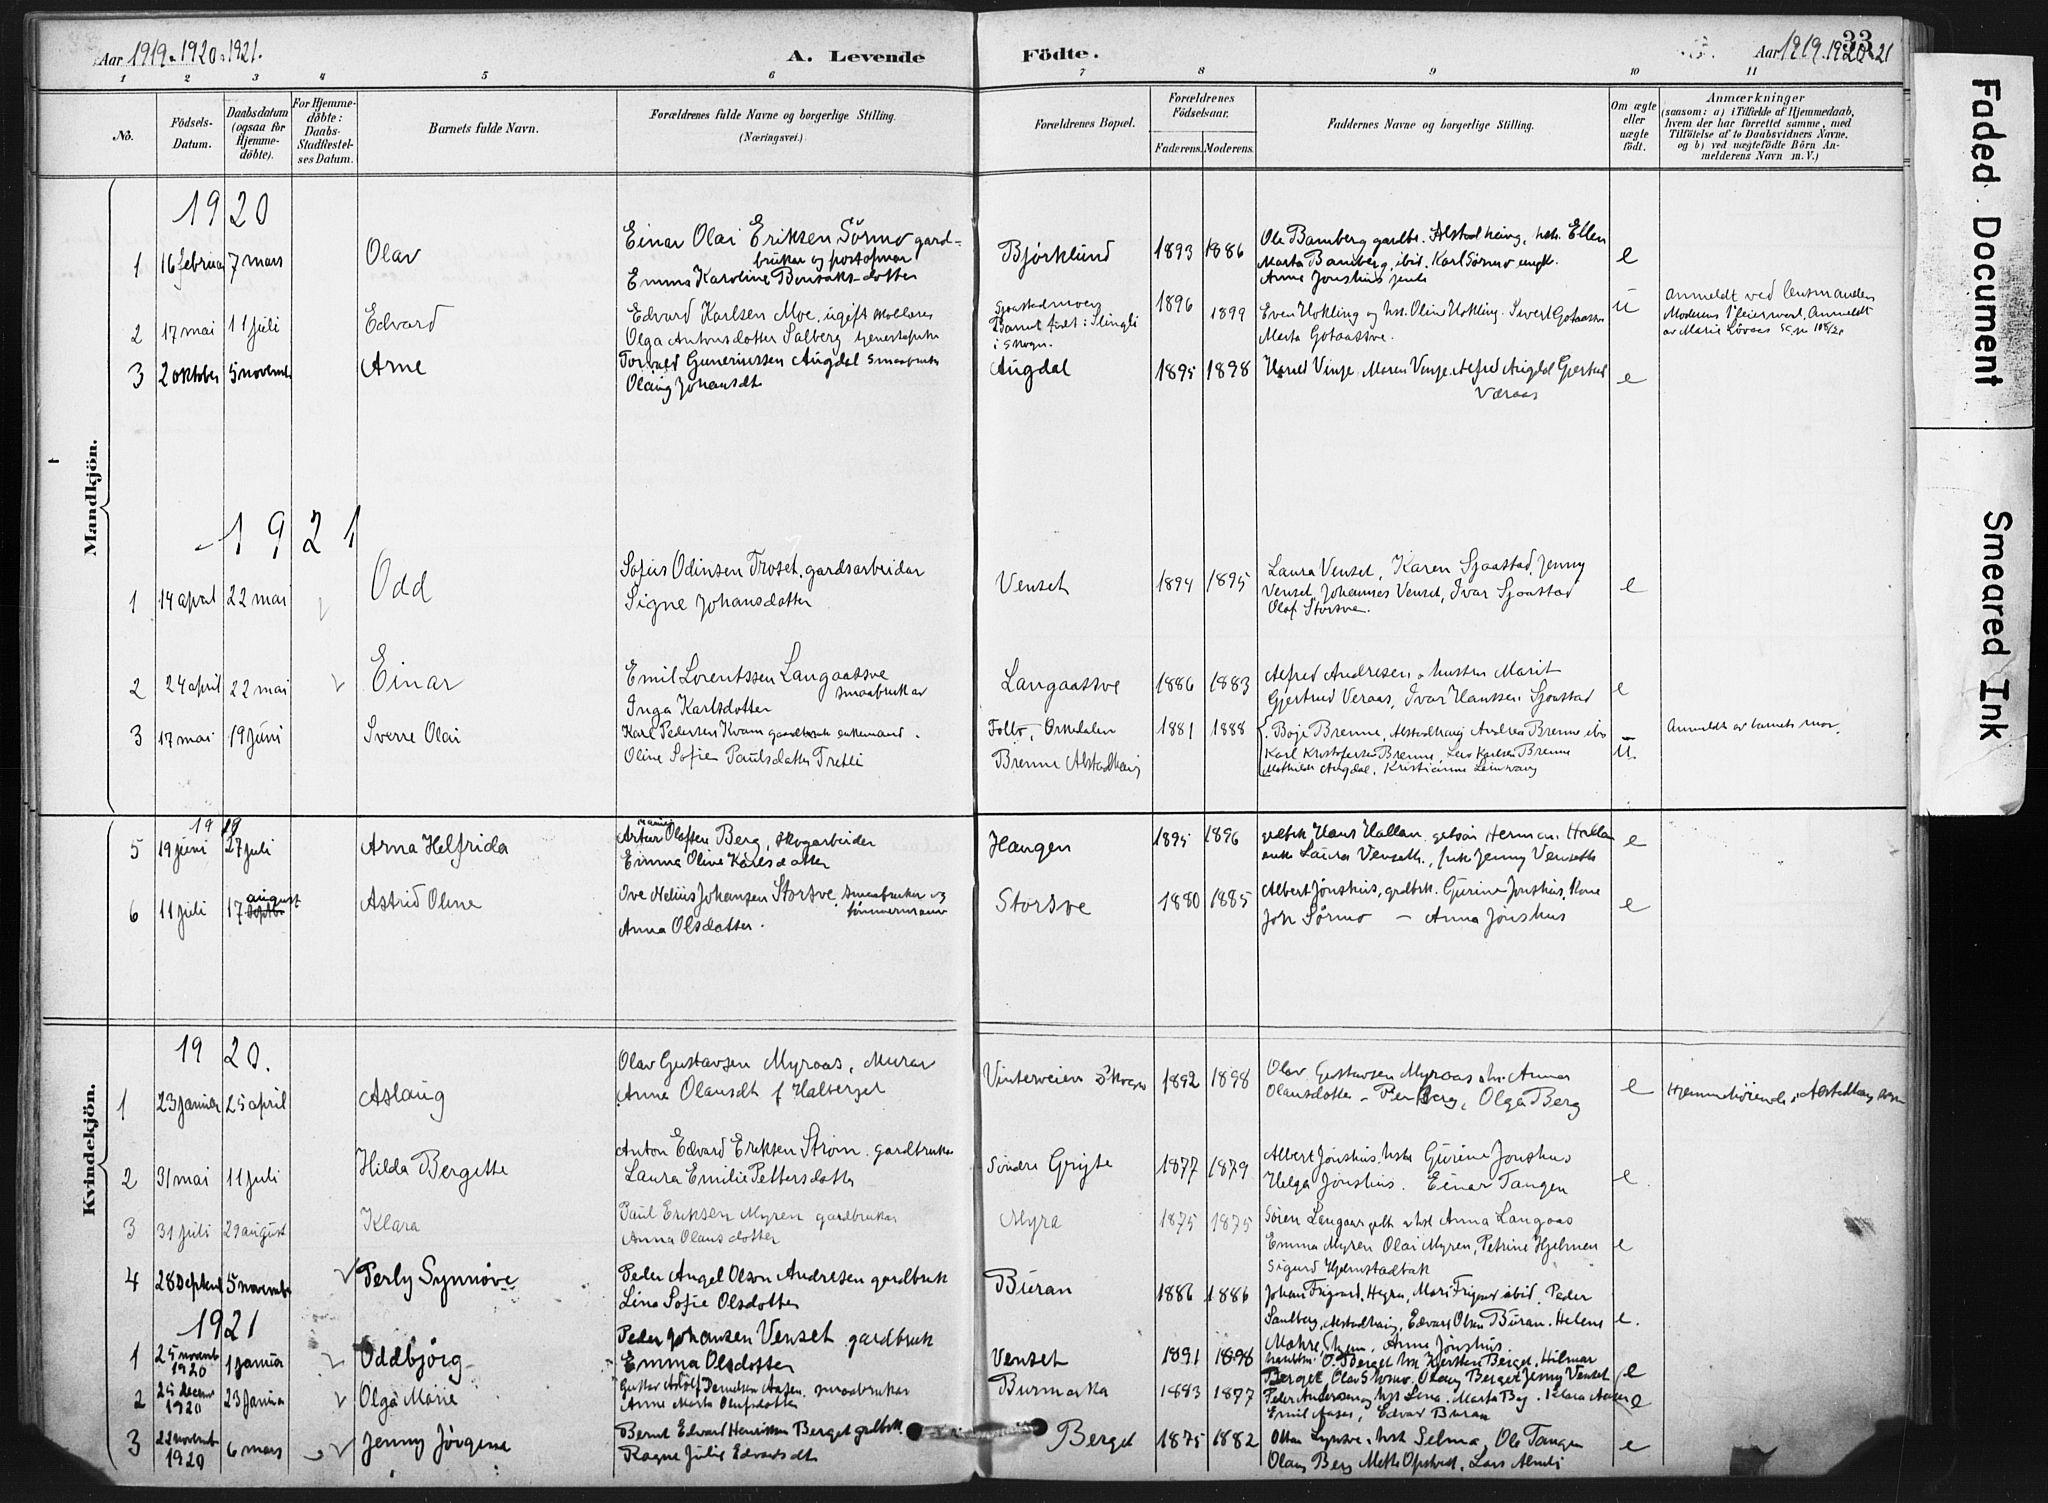 SAT, Ministerialprotokoller, klokkerbøker og fødselsregistre - Nord-Trøndelag, 718/L0175: Ministerialbok nr. 718A01, 1890-1923, s. 33